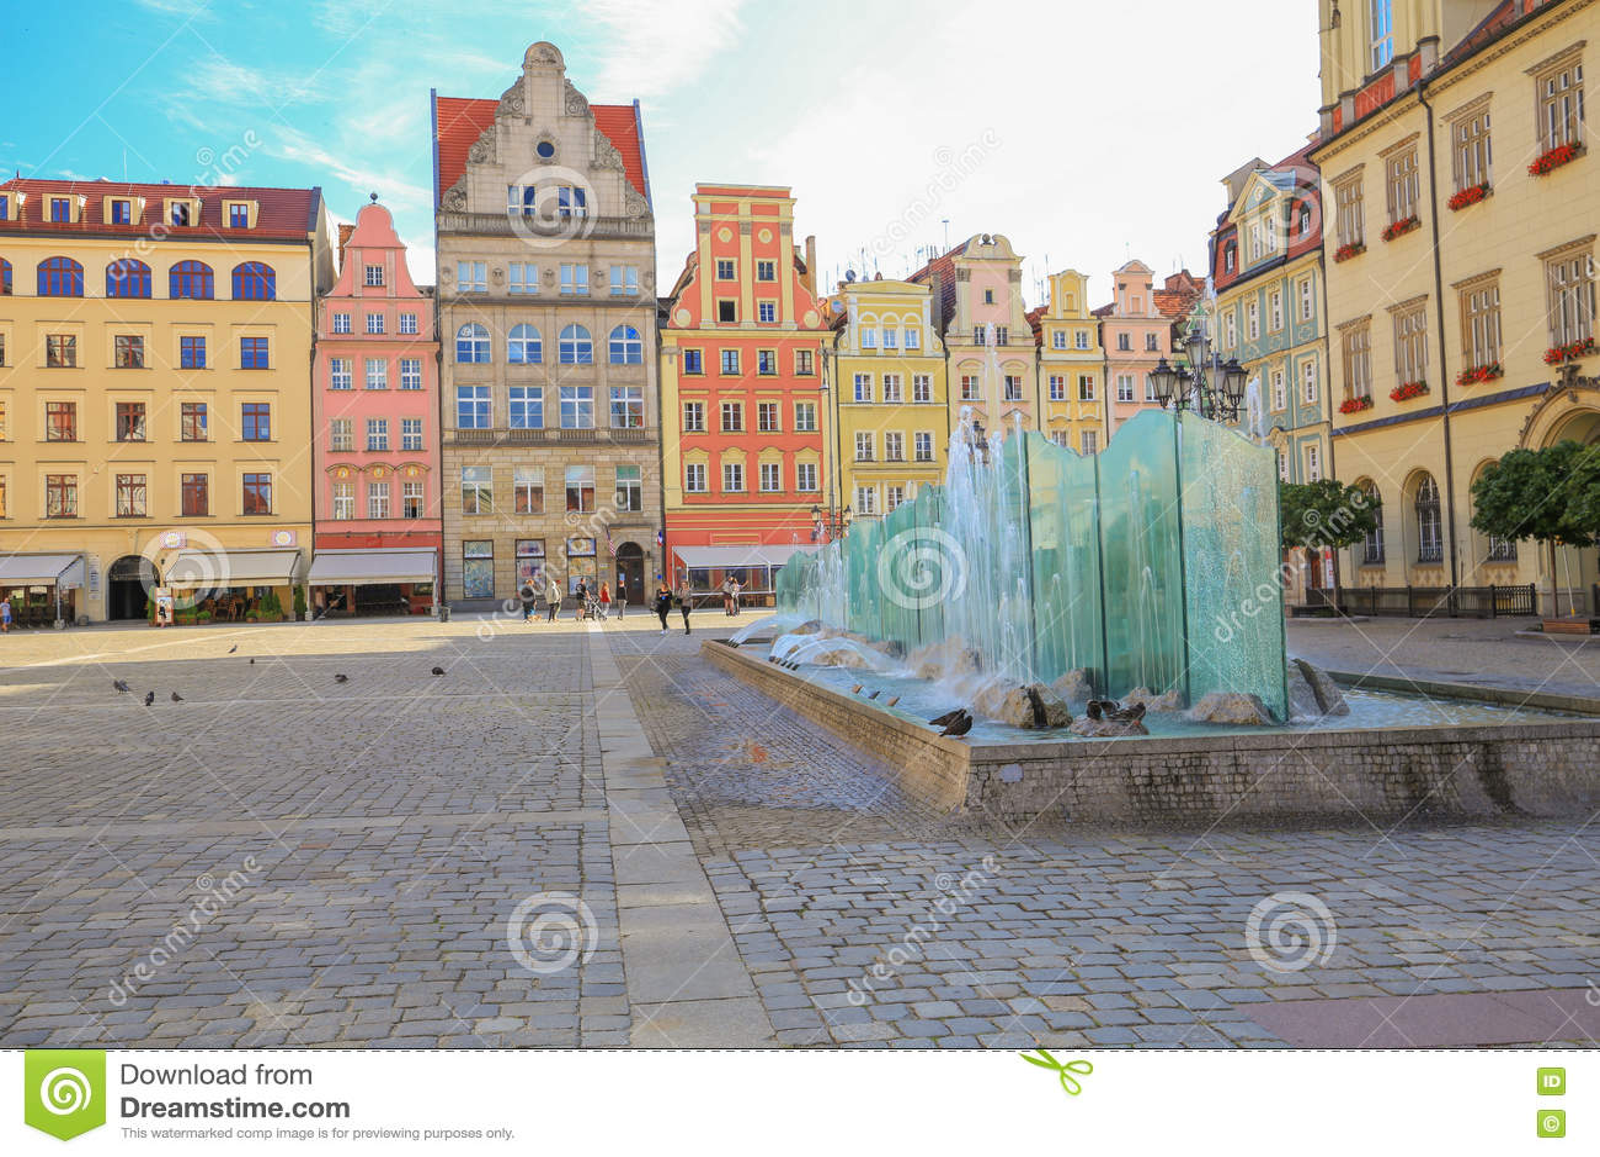 Vue de l architecture historique rénovée à Wroclaw